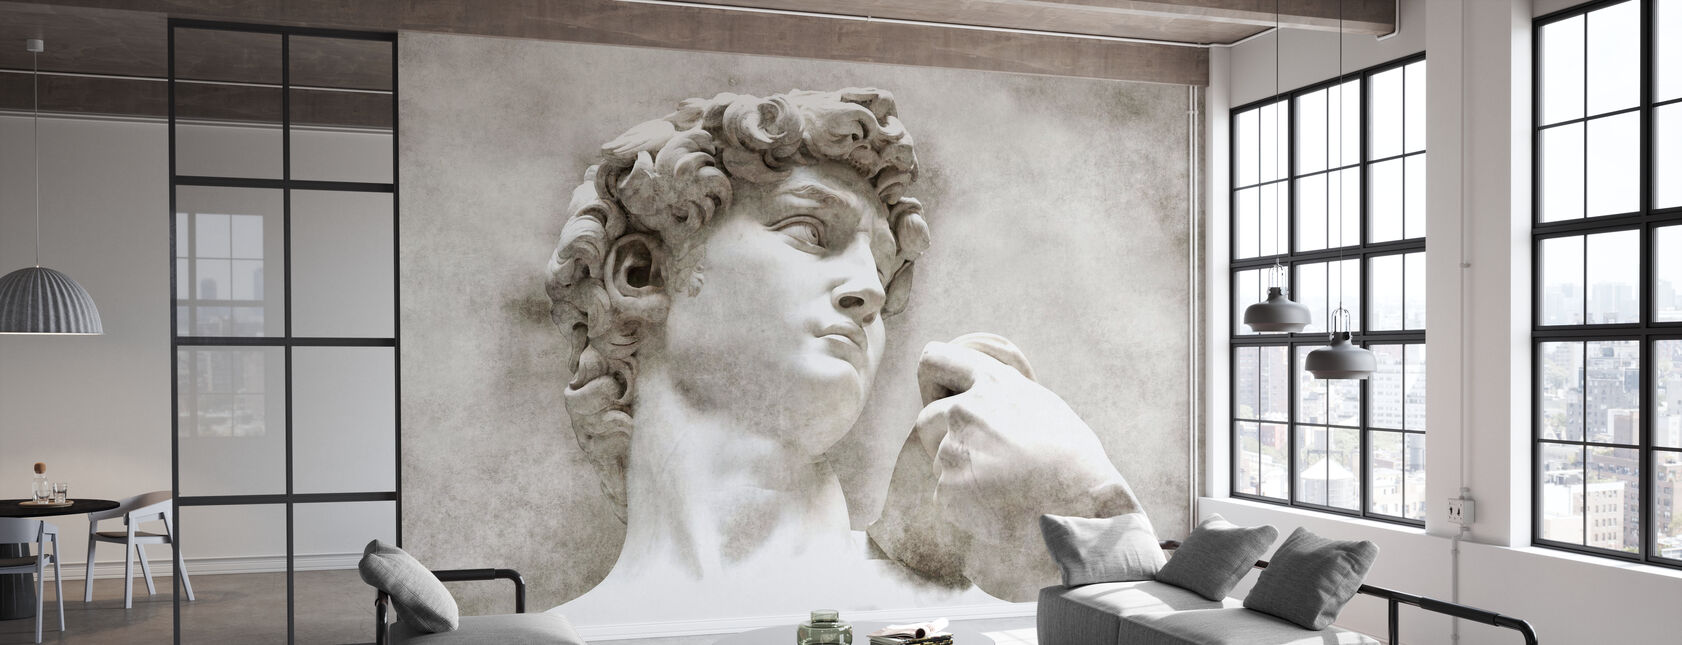 Statua di David di Michelangelo - Carta da parati - Uffici